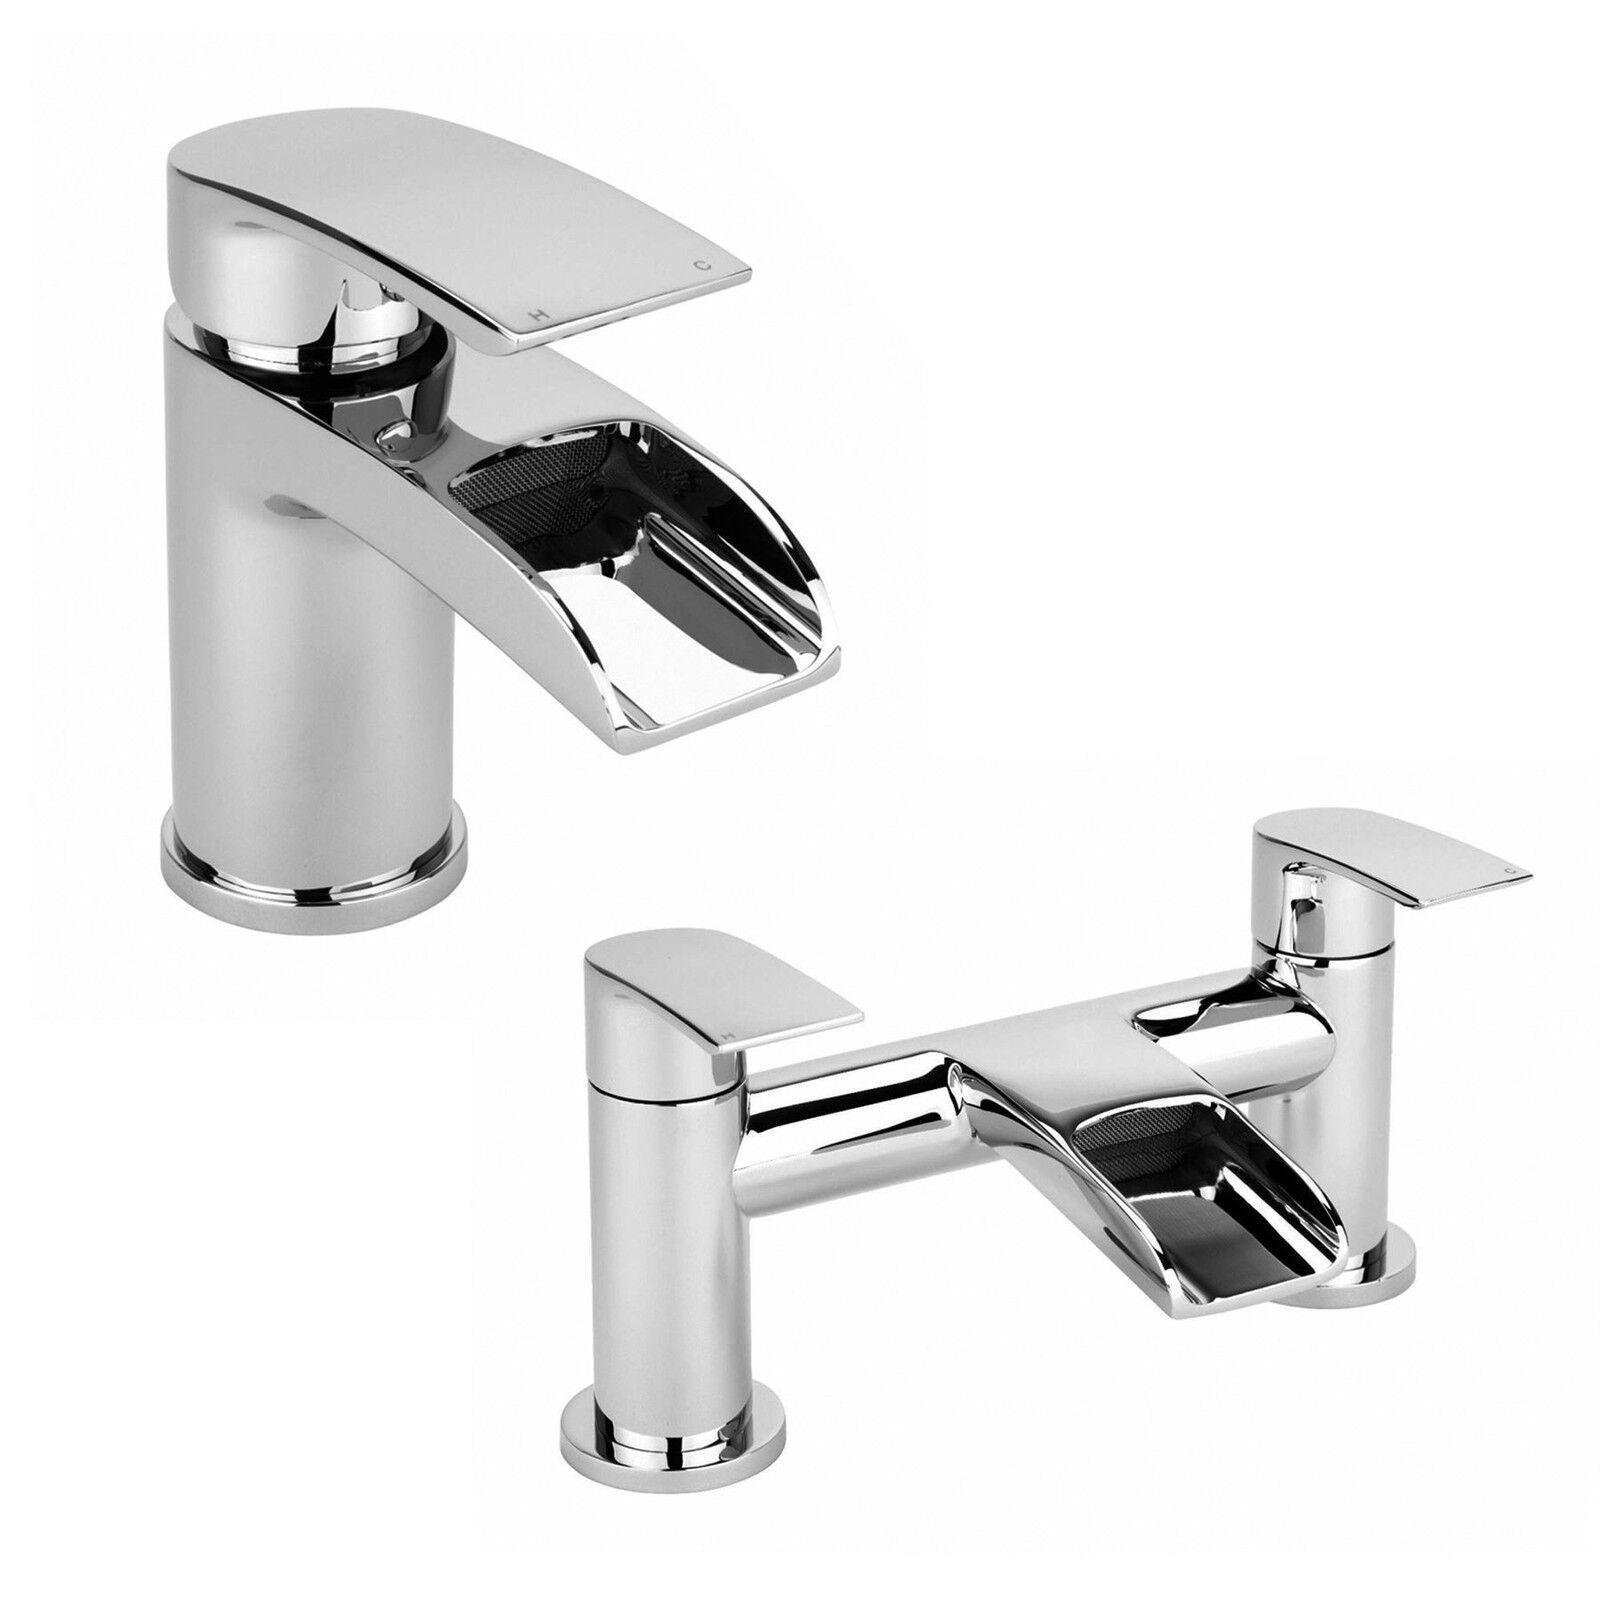 Salle de bains moderne chrome cascade robinet set-bassin mono & bain mélangeur de remplissage